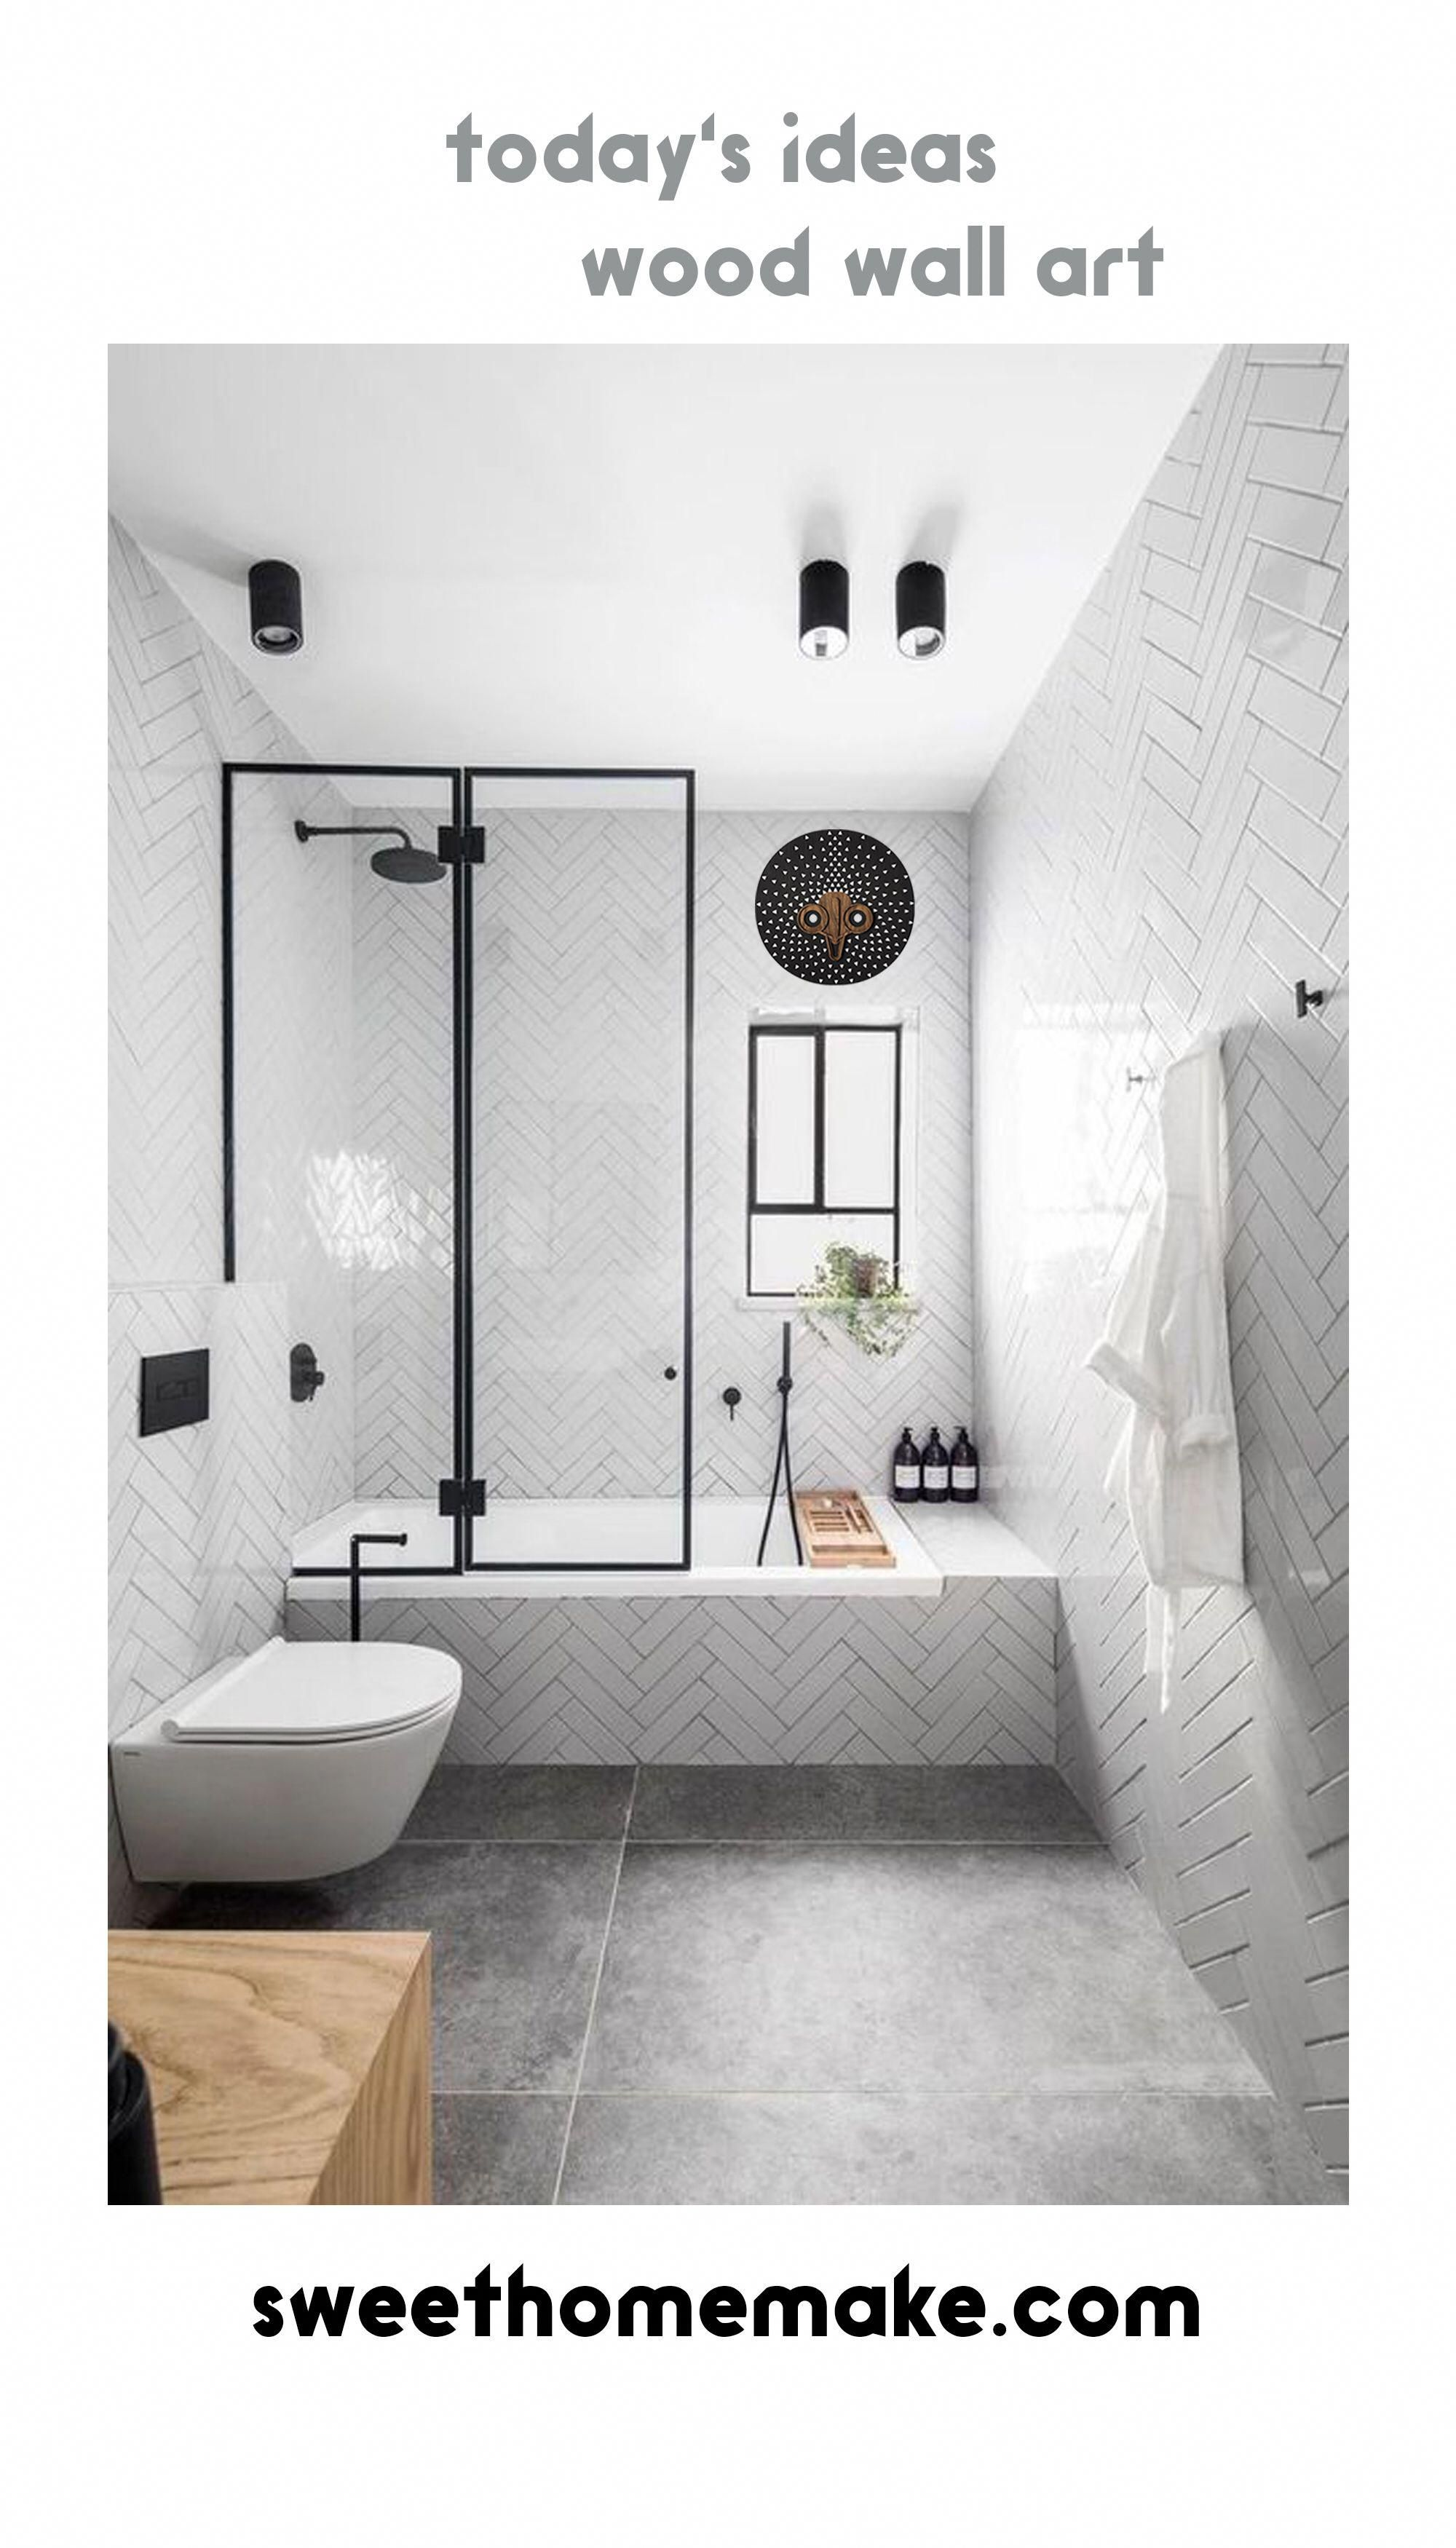 An Artistic Corridor Created By Wood African Masks On The Wall Art Modern Bathroom Wall Decor Bathroom Wall Decor Bathroom Interior African style bathroom decor